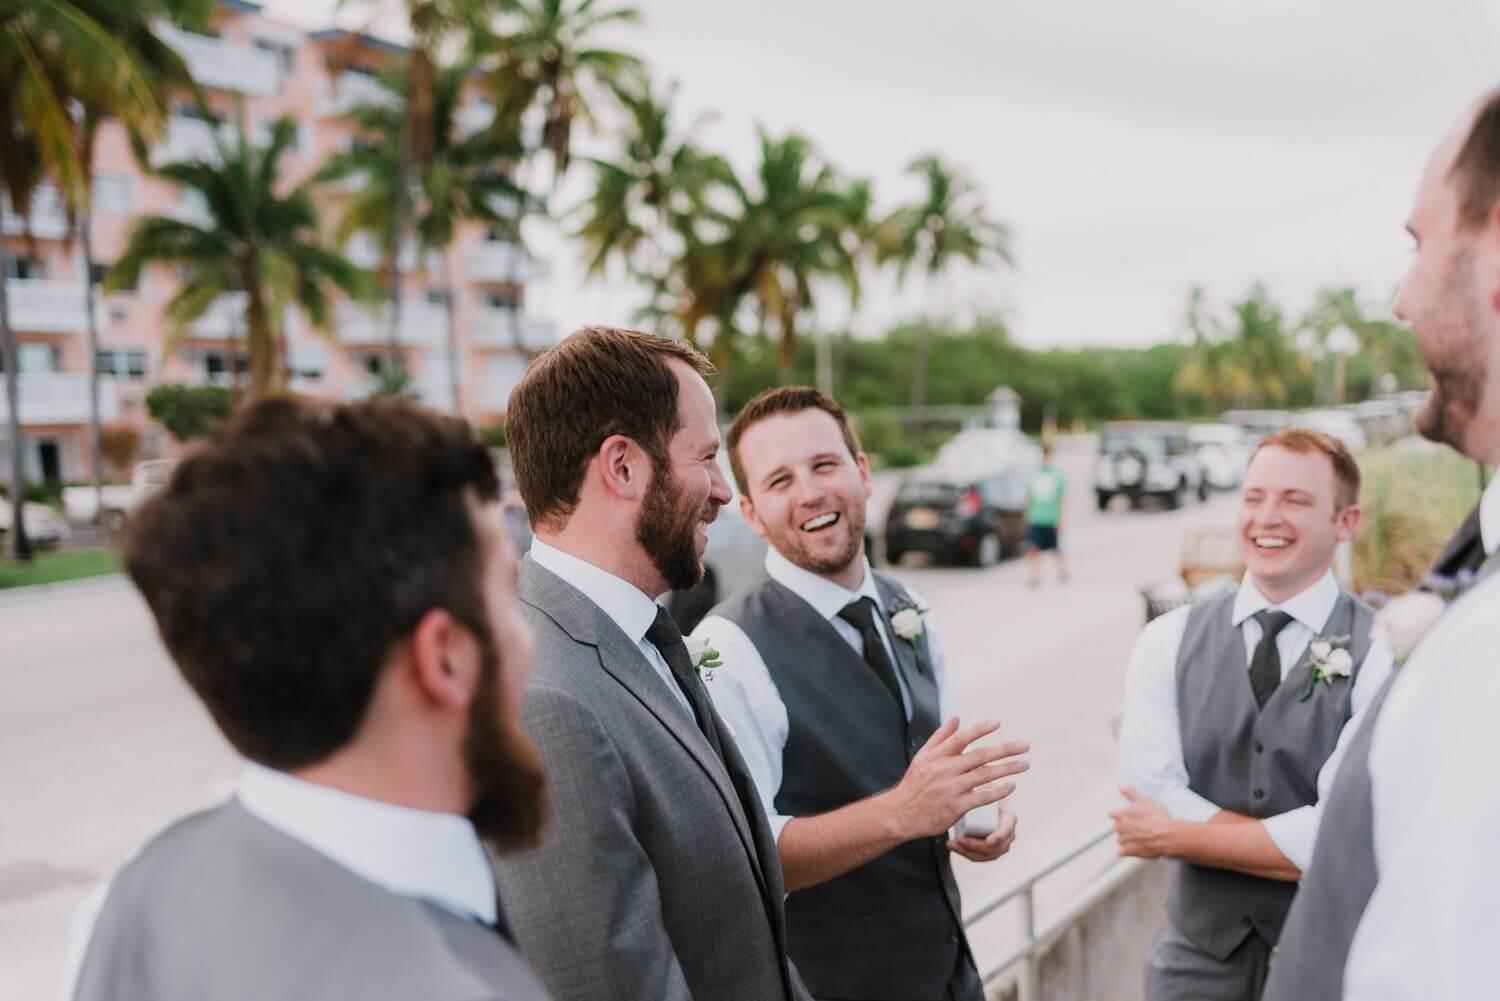 sheraton suites key west wedding 30 - Key West Wedding | Stephanie & Matt | Sheraton Key West